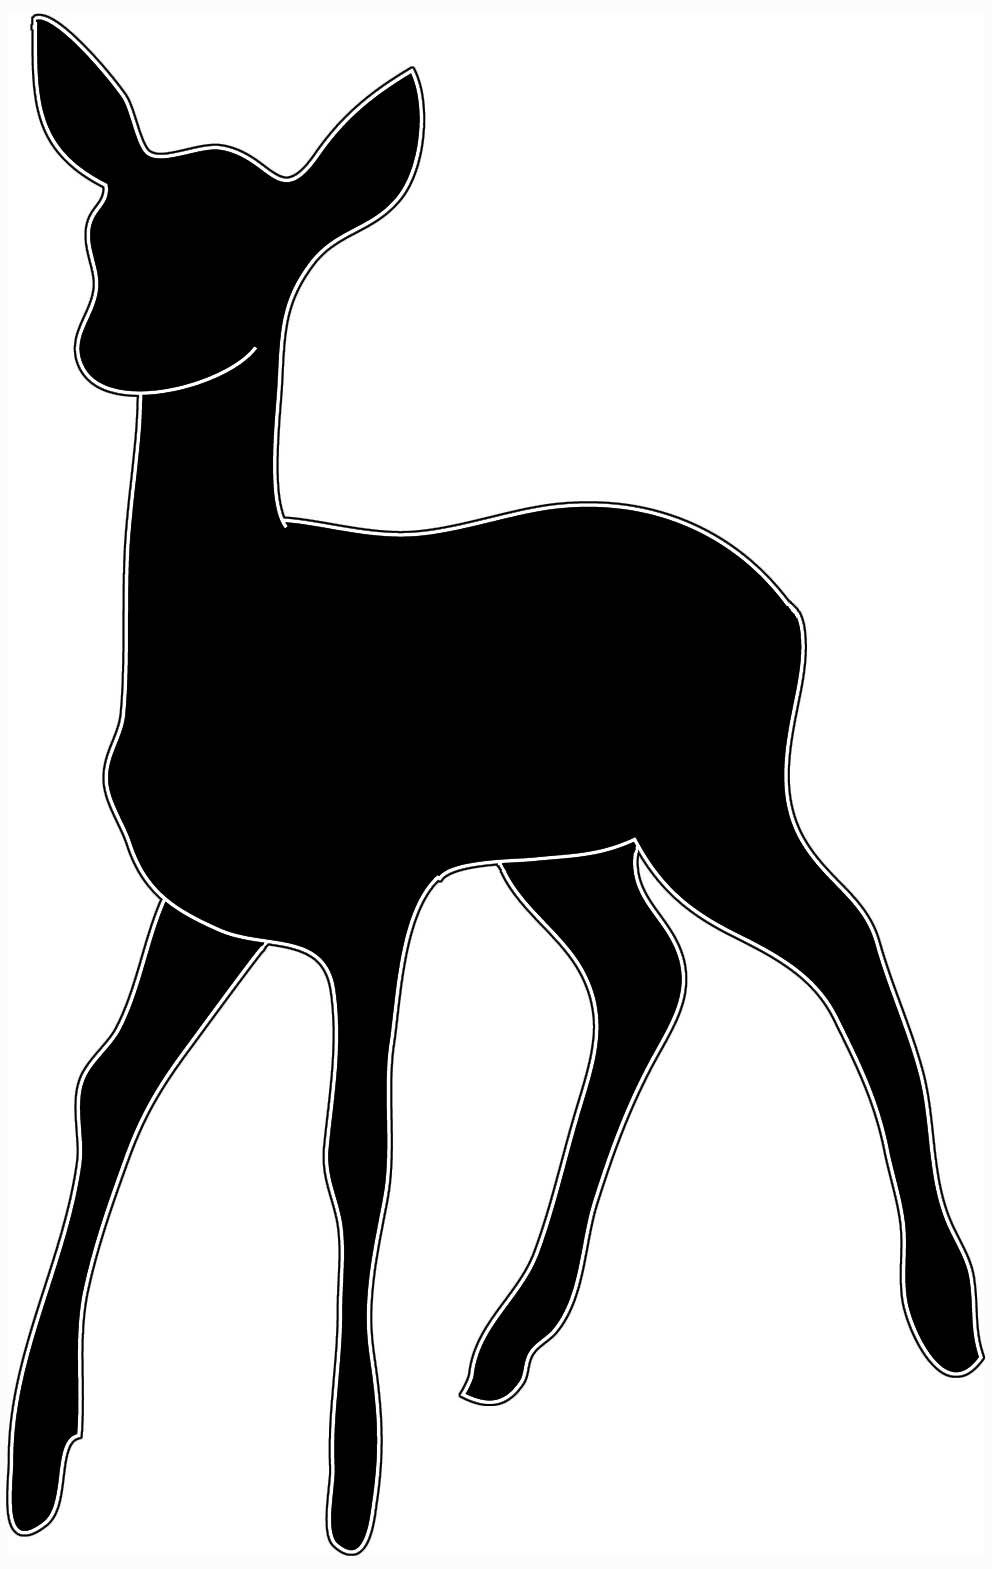 silhouette of running deer, black white -silhouette of running deer, black white silhouette of young deer-15